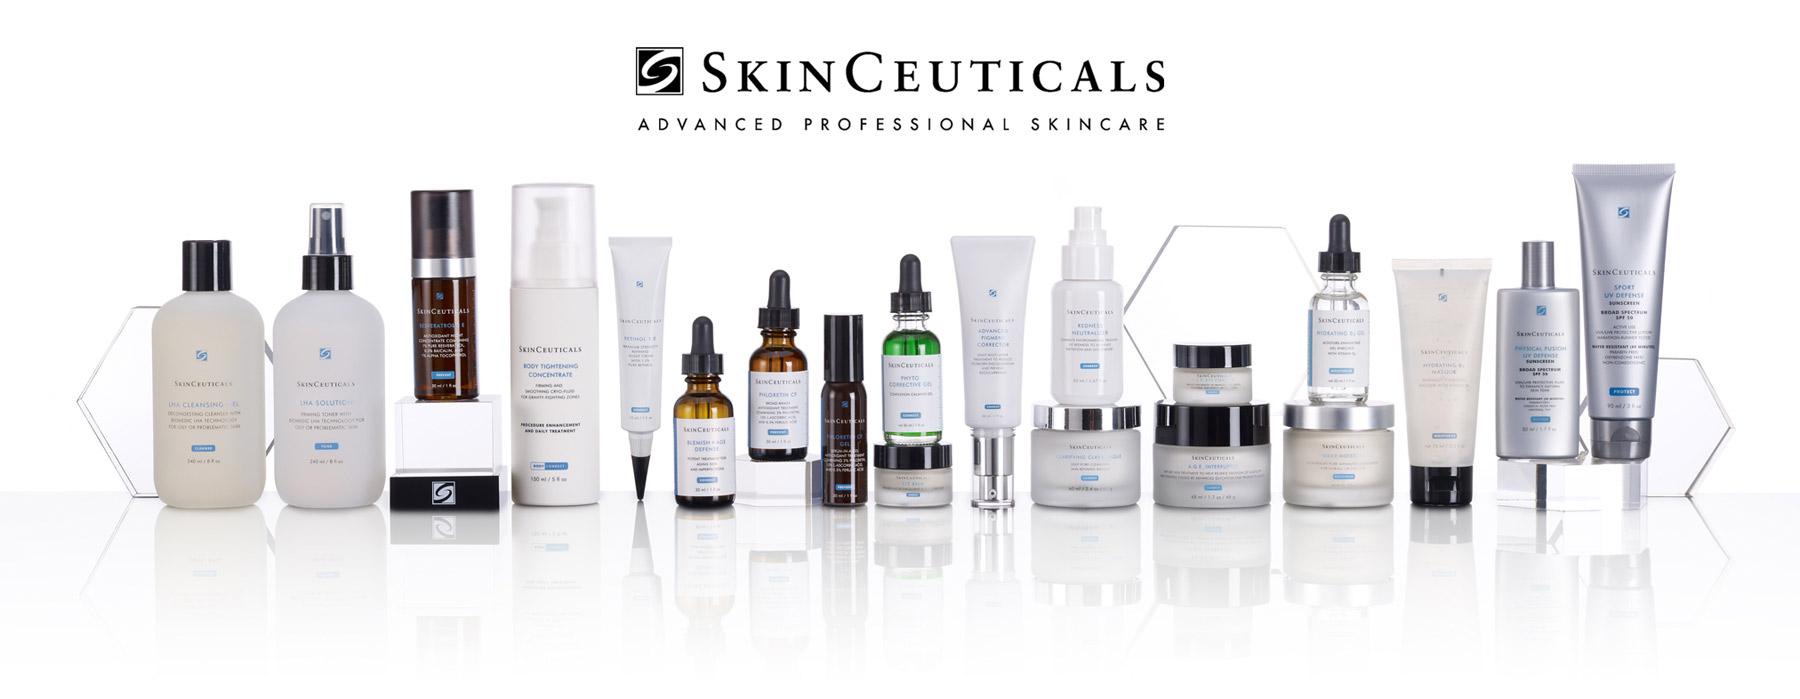 skinceuticals Modernste, wissenschaftlich fundierte Hautpflege